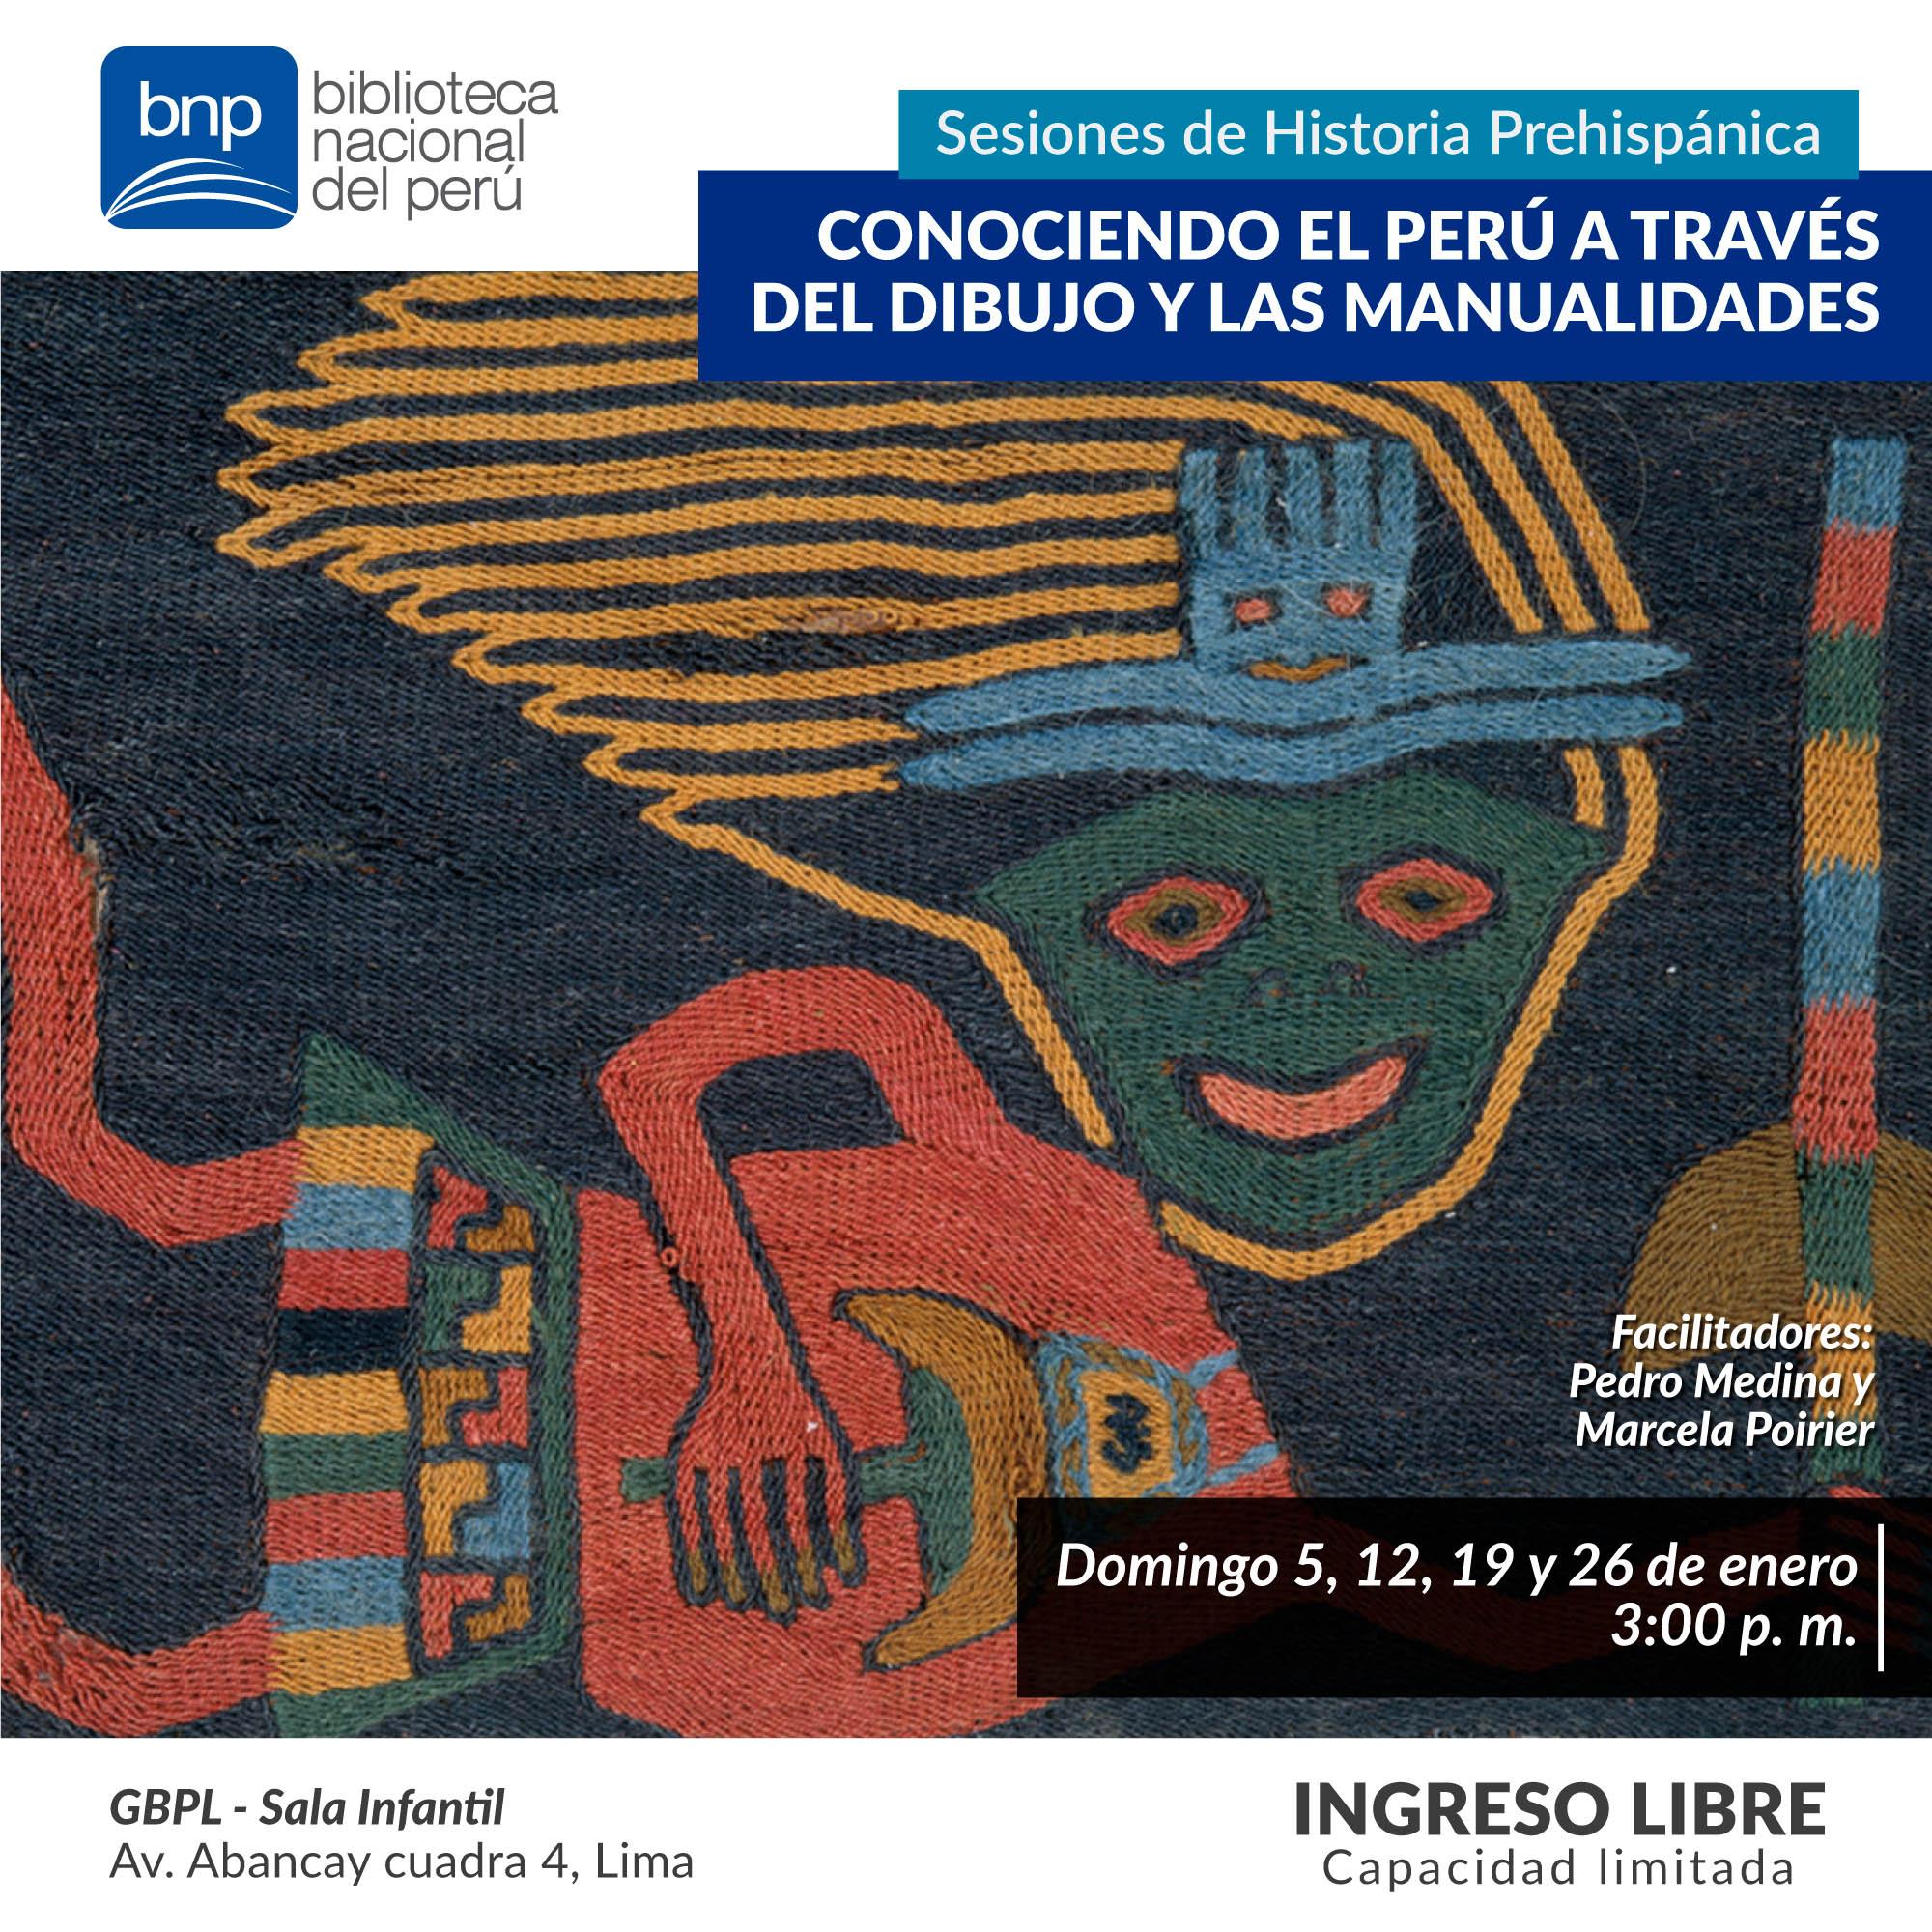 Ninos Aprenden Sobre Culturas Prehispanicas En La Gran Biblioteca Publica De Lima Biblioteca Nacional Del Peru Bnp